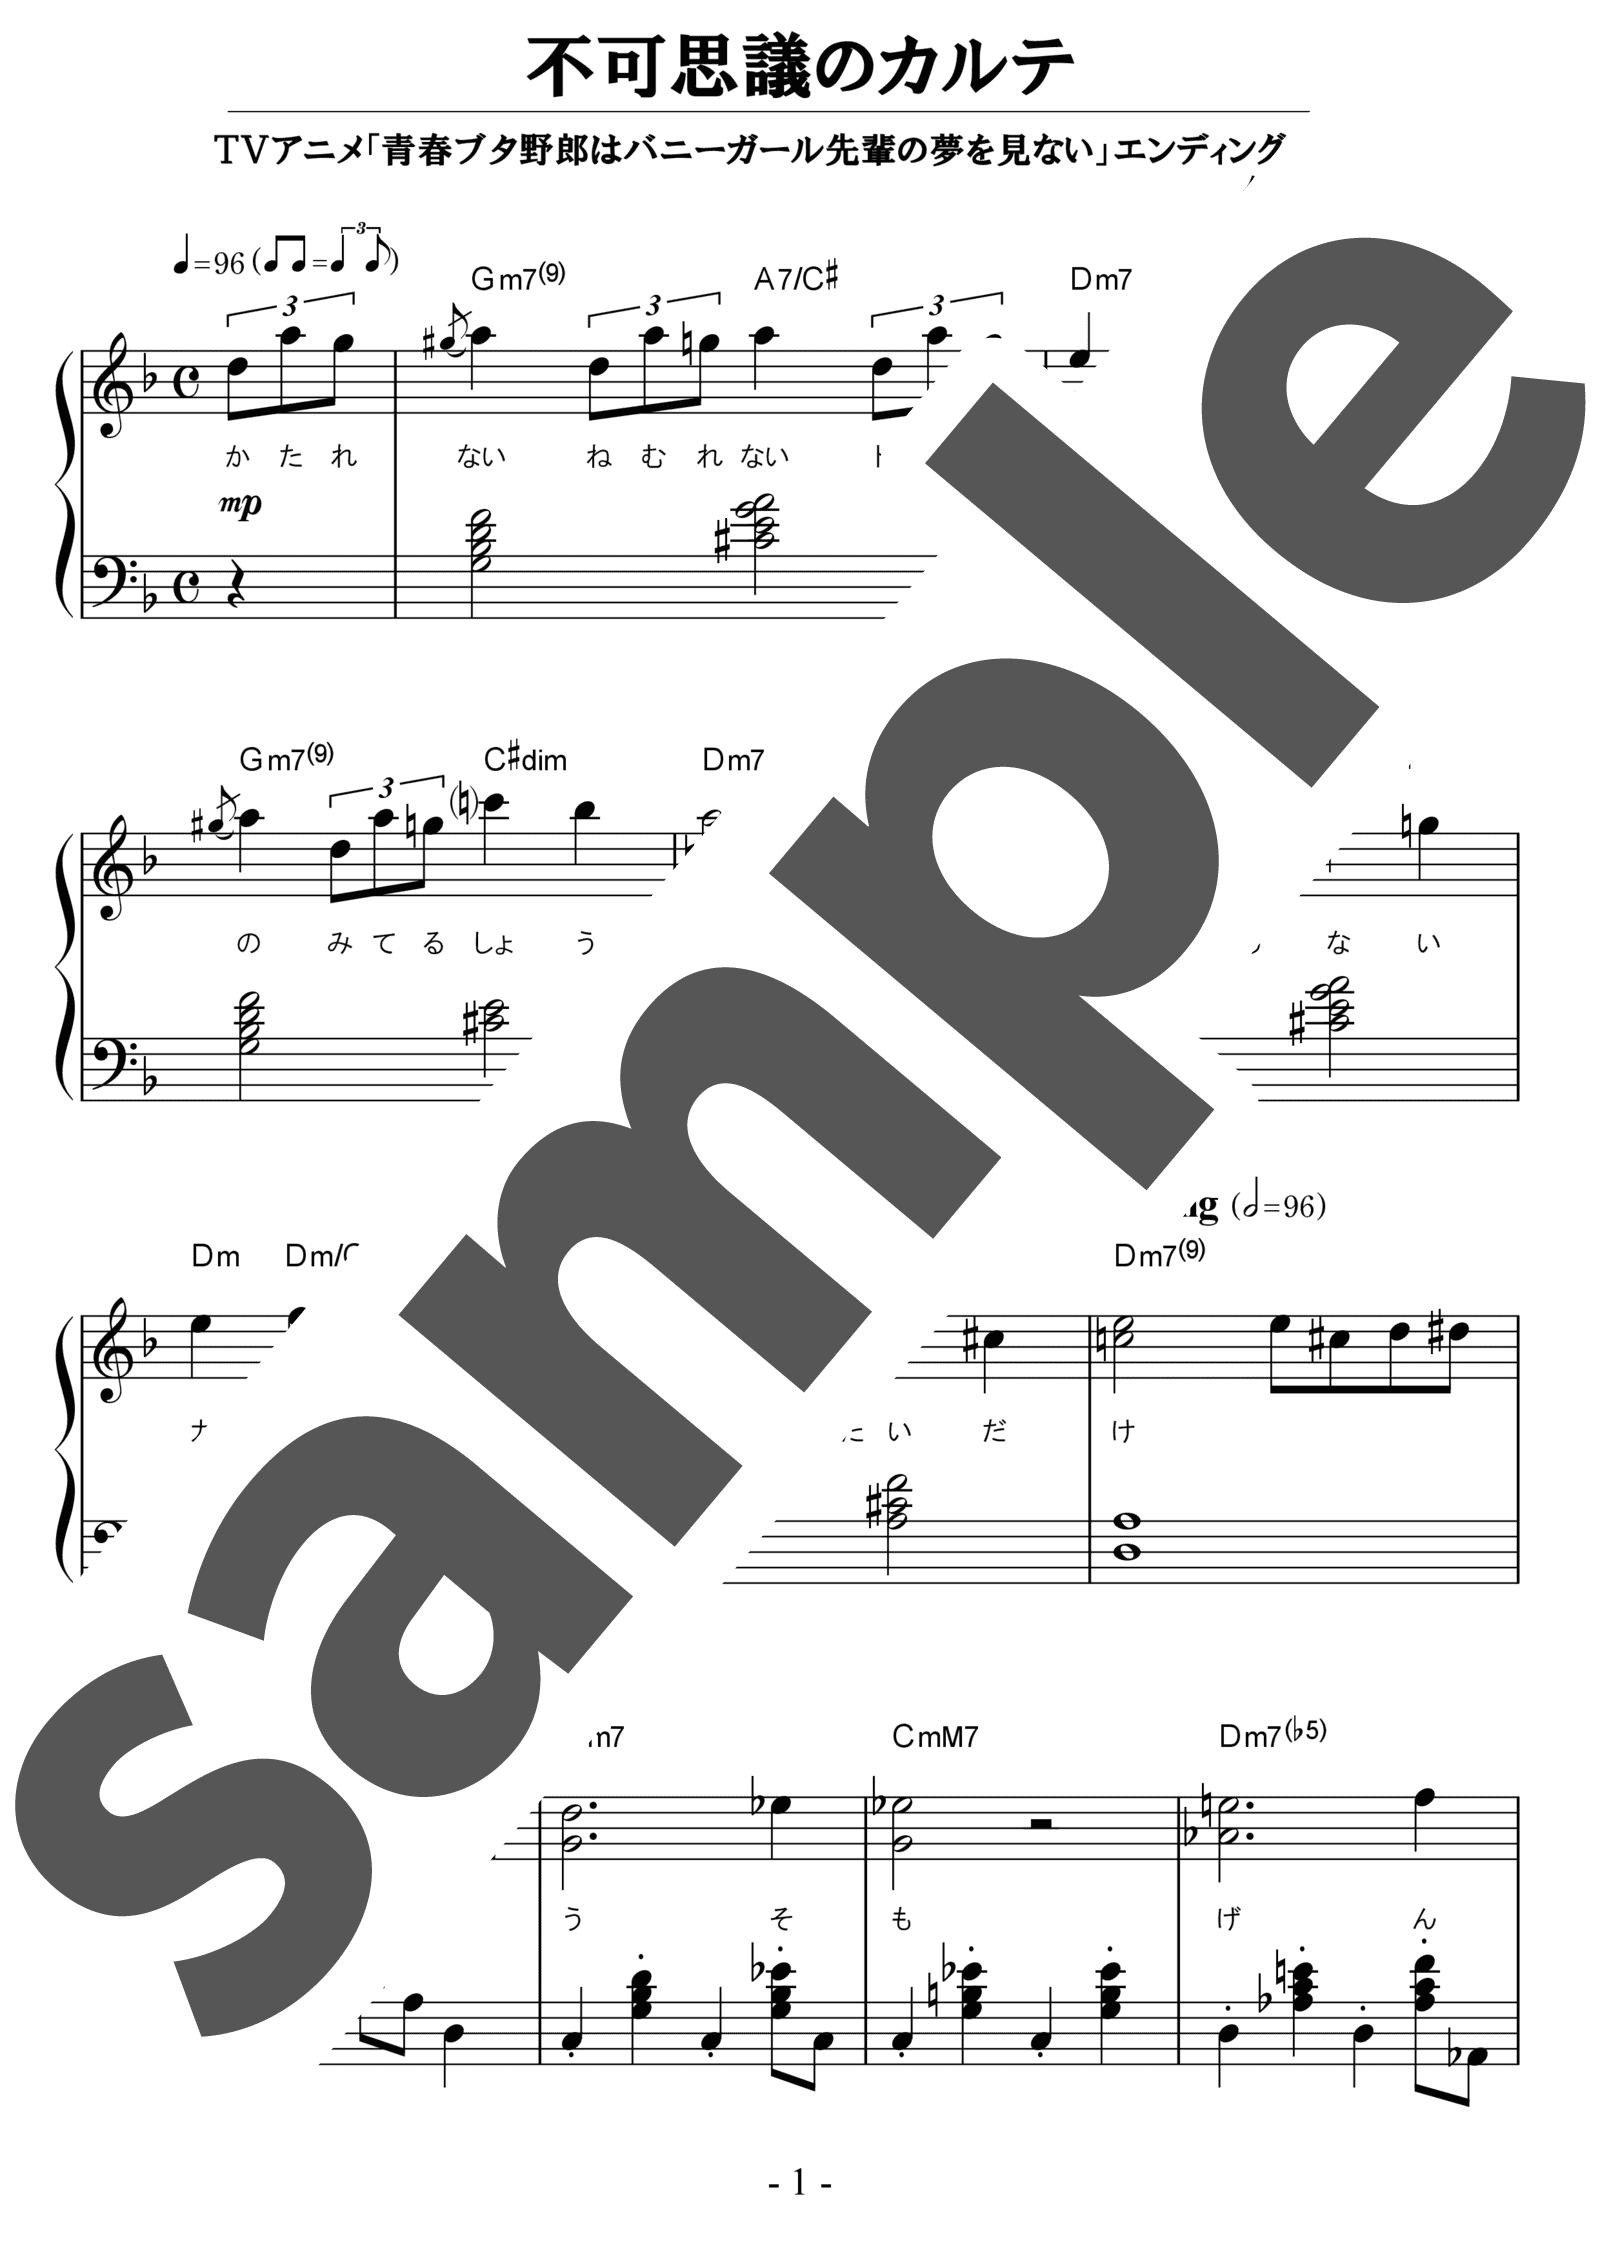 「不可思議のカルテ」のサンプル楽譜